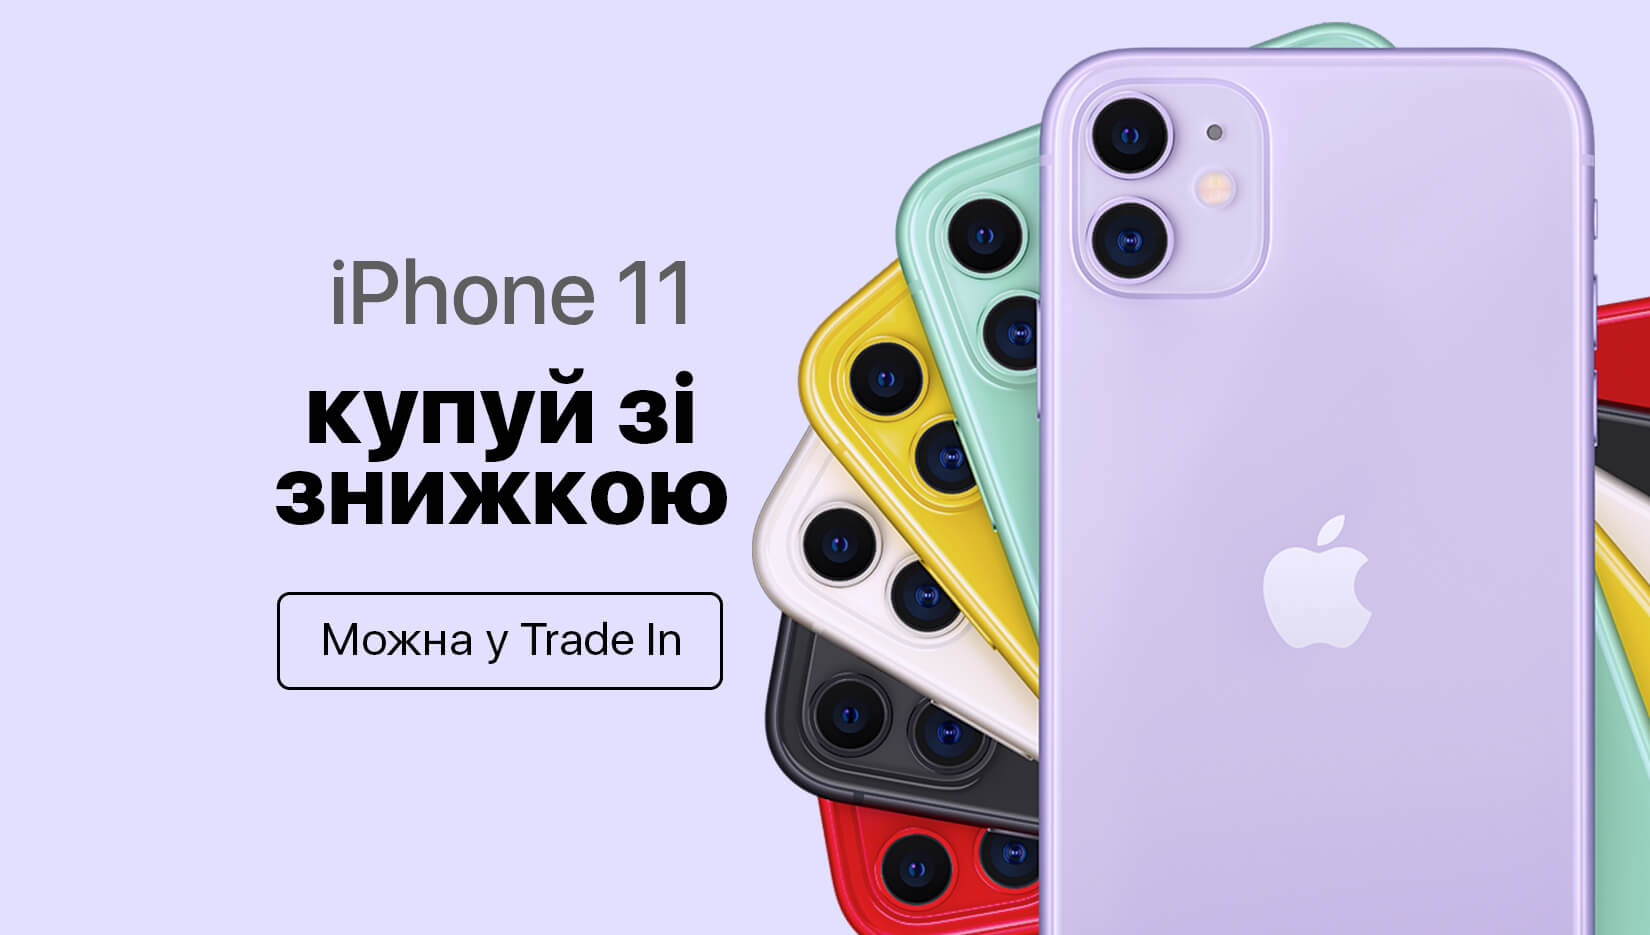 Купити iPhone 11